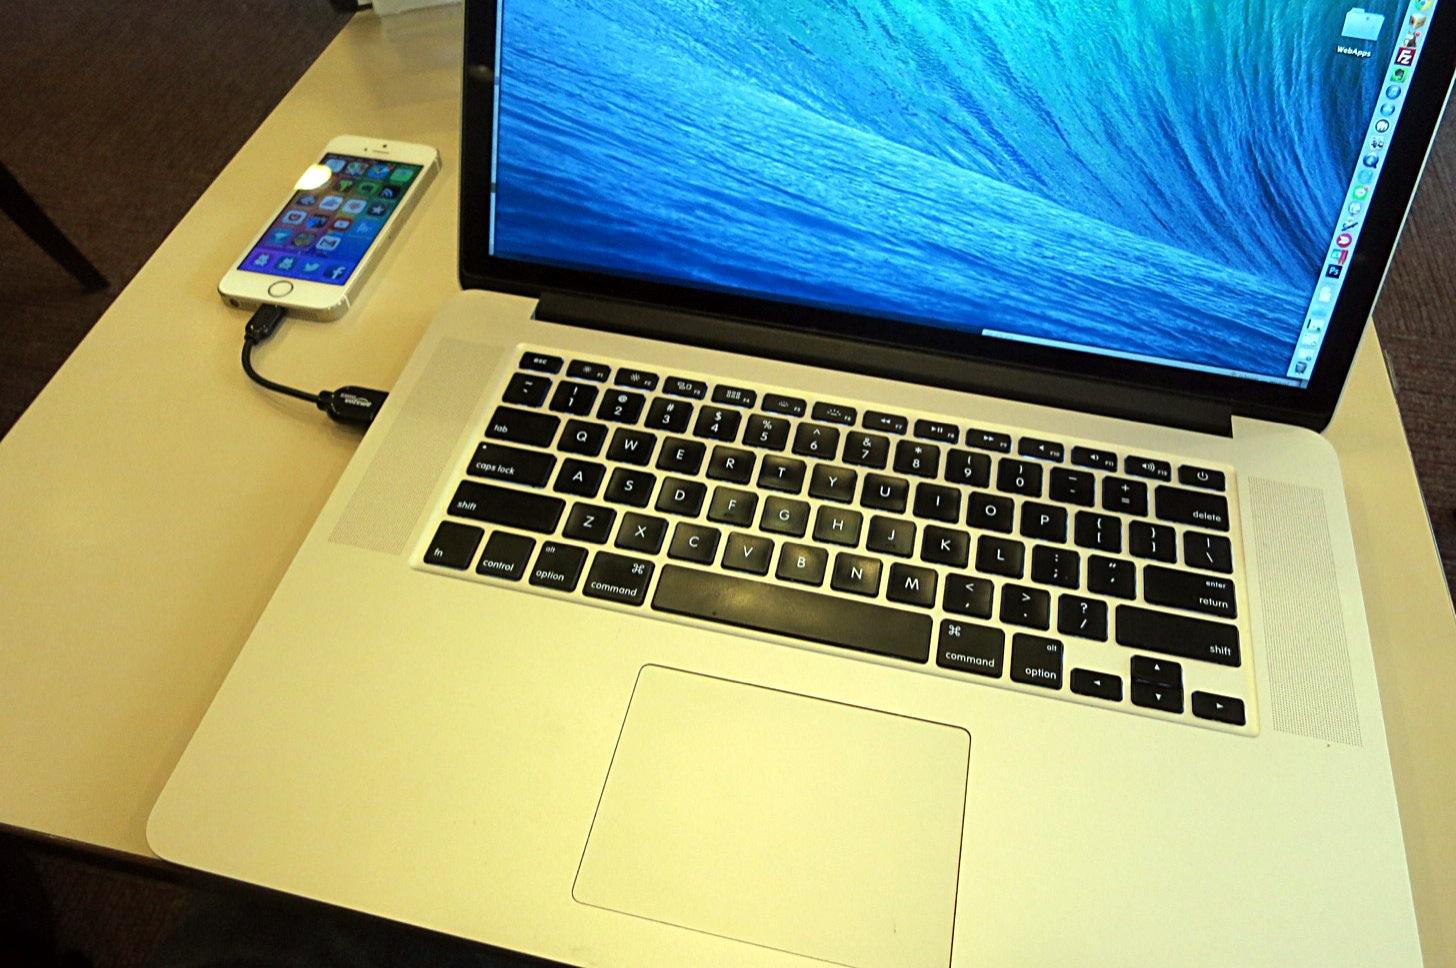 AmazonライトニングケーブルをMacBook Pro Retinaディスプレイモデルに接続した図